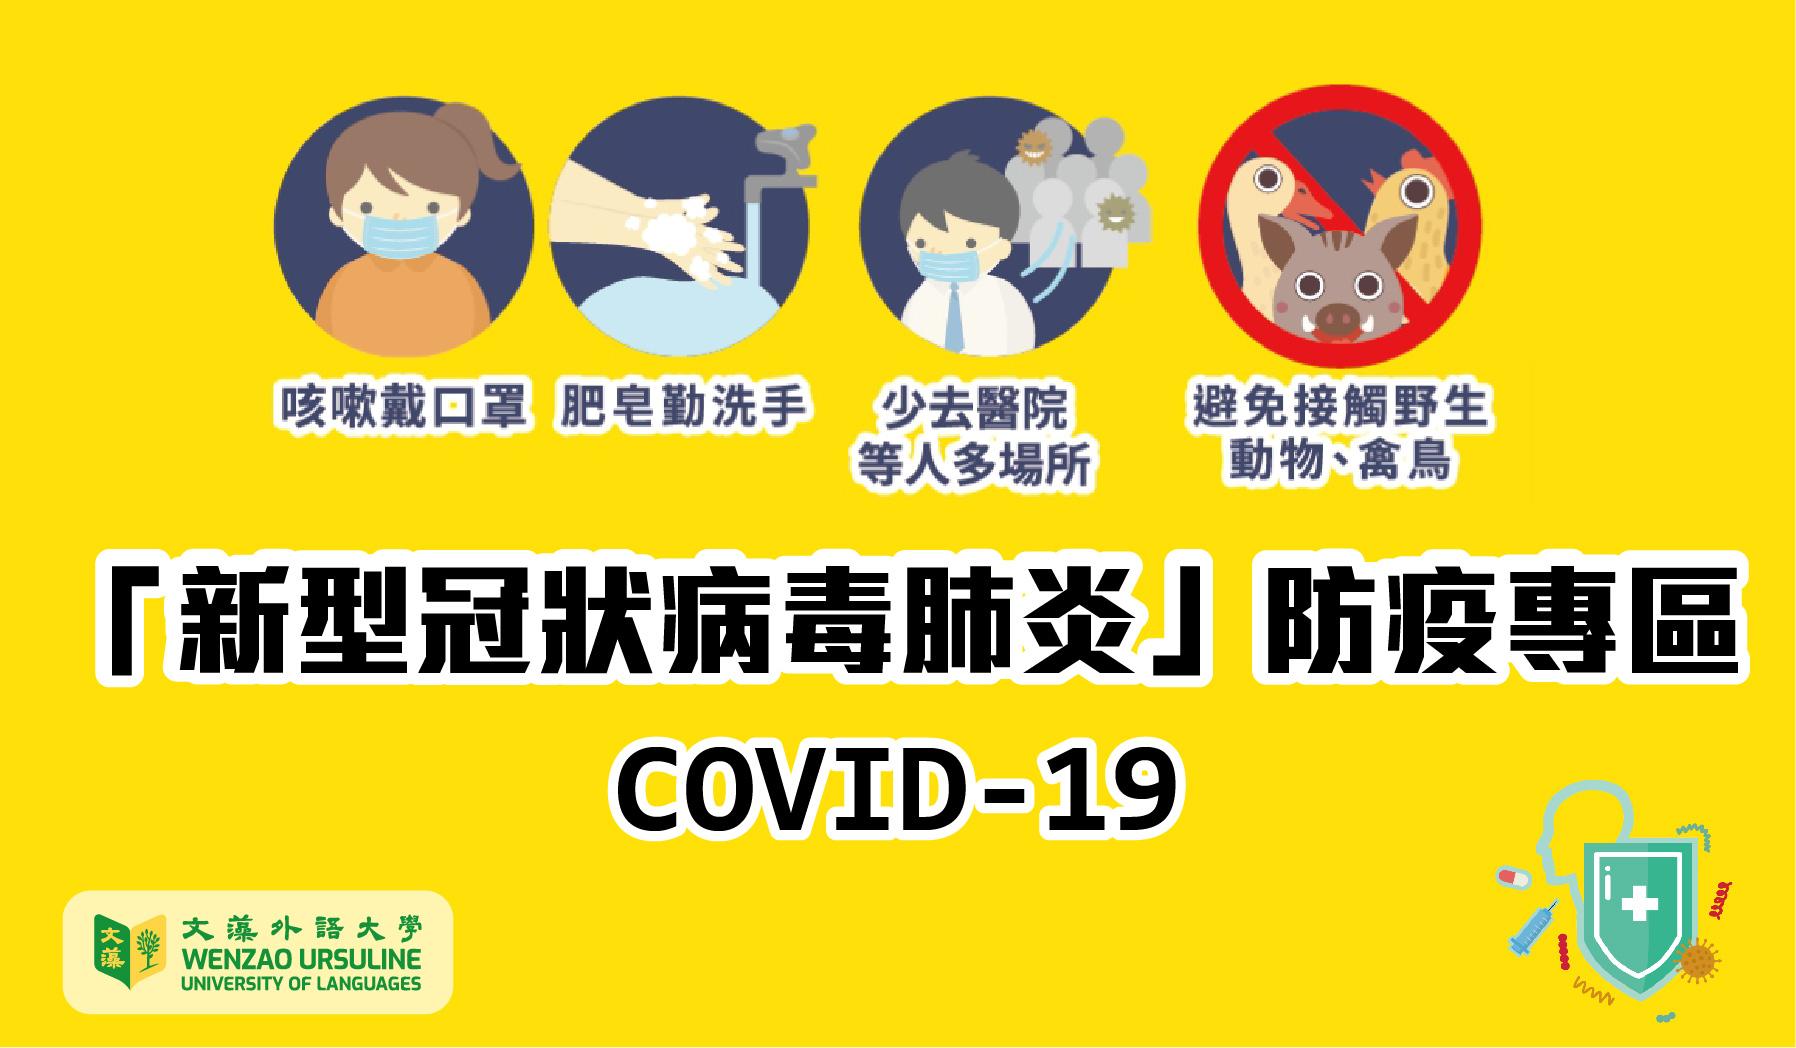 新型冠狀病毒肺炎「COVID-19」防疫專區